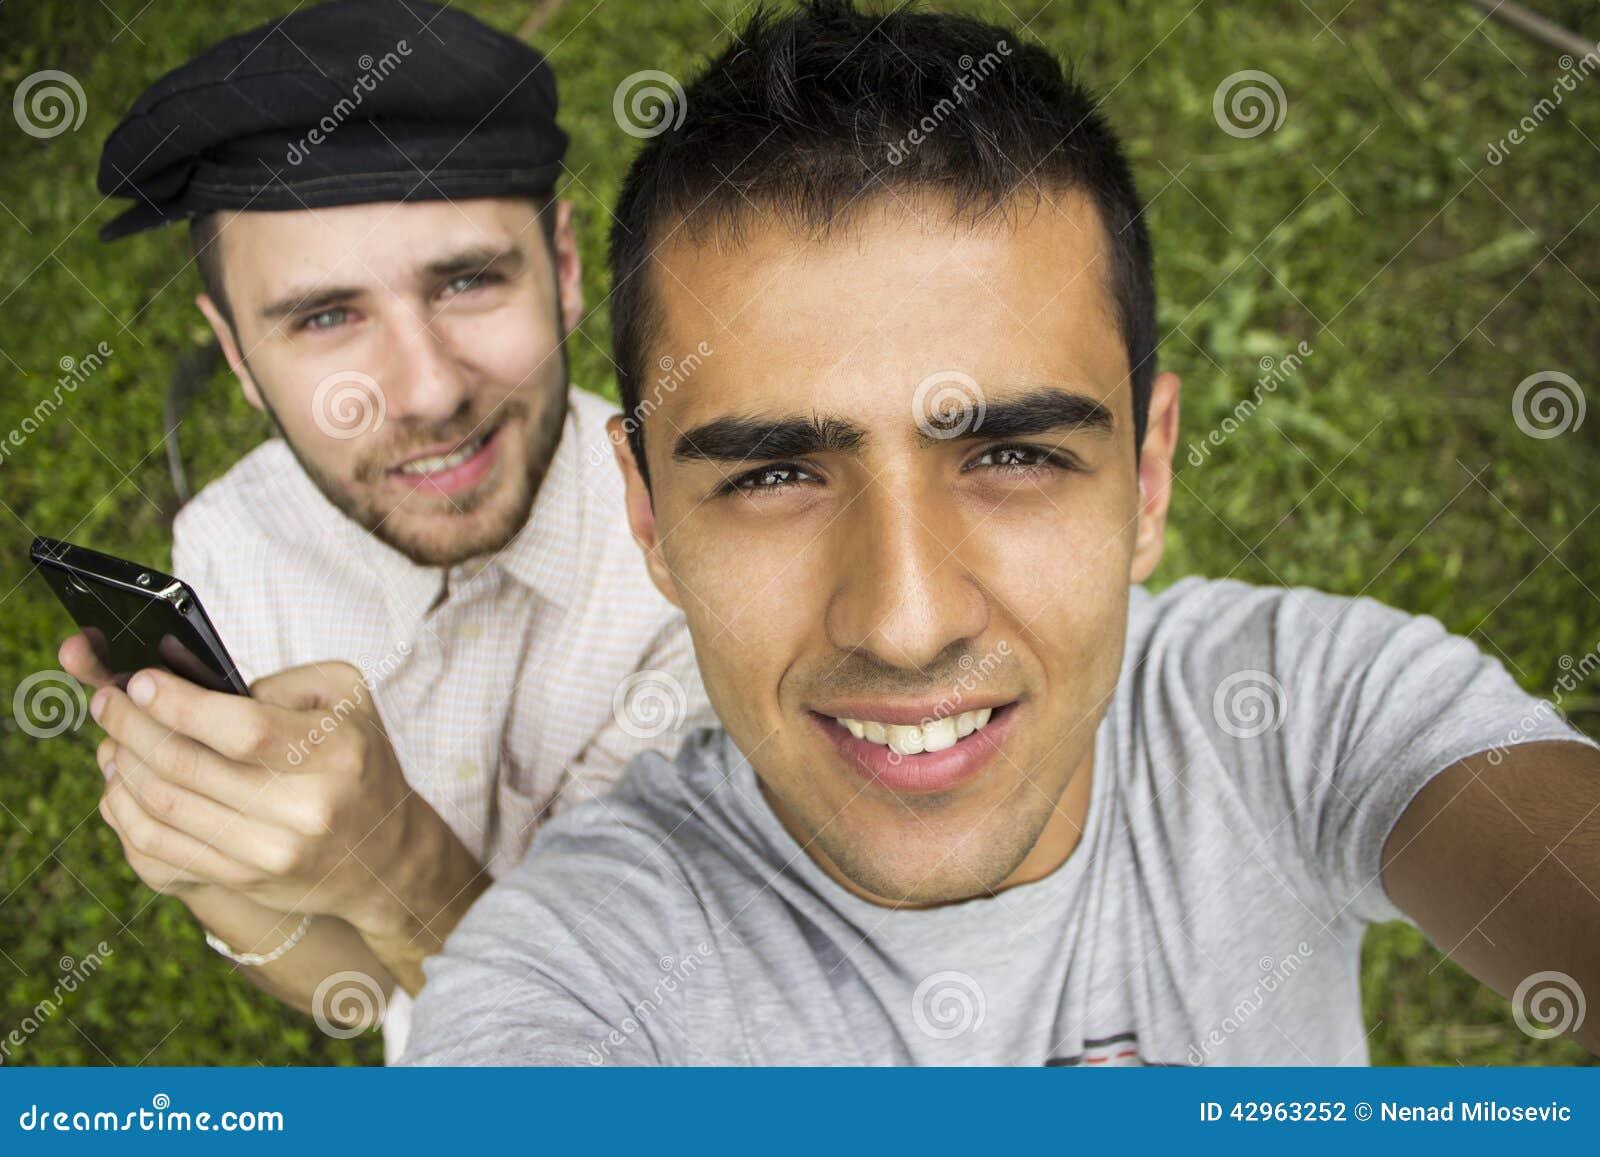 Gute Freunde, die ein Selbstporträt nehmen